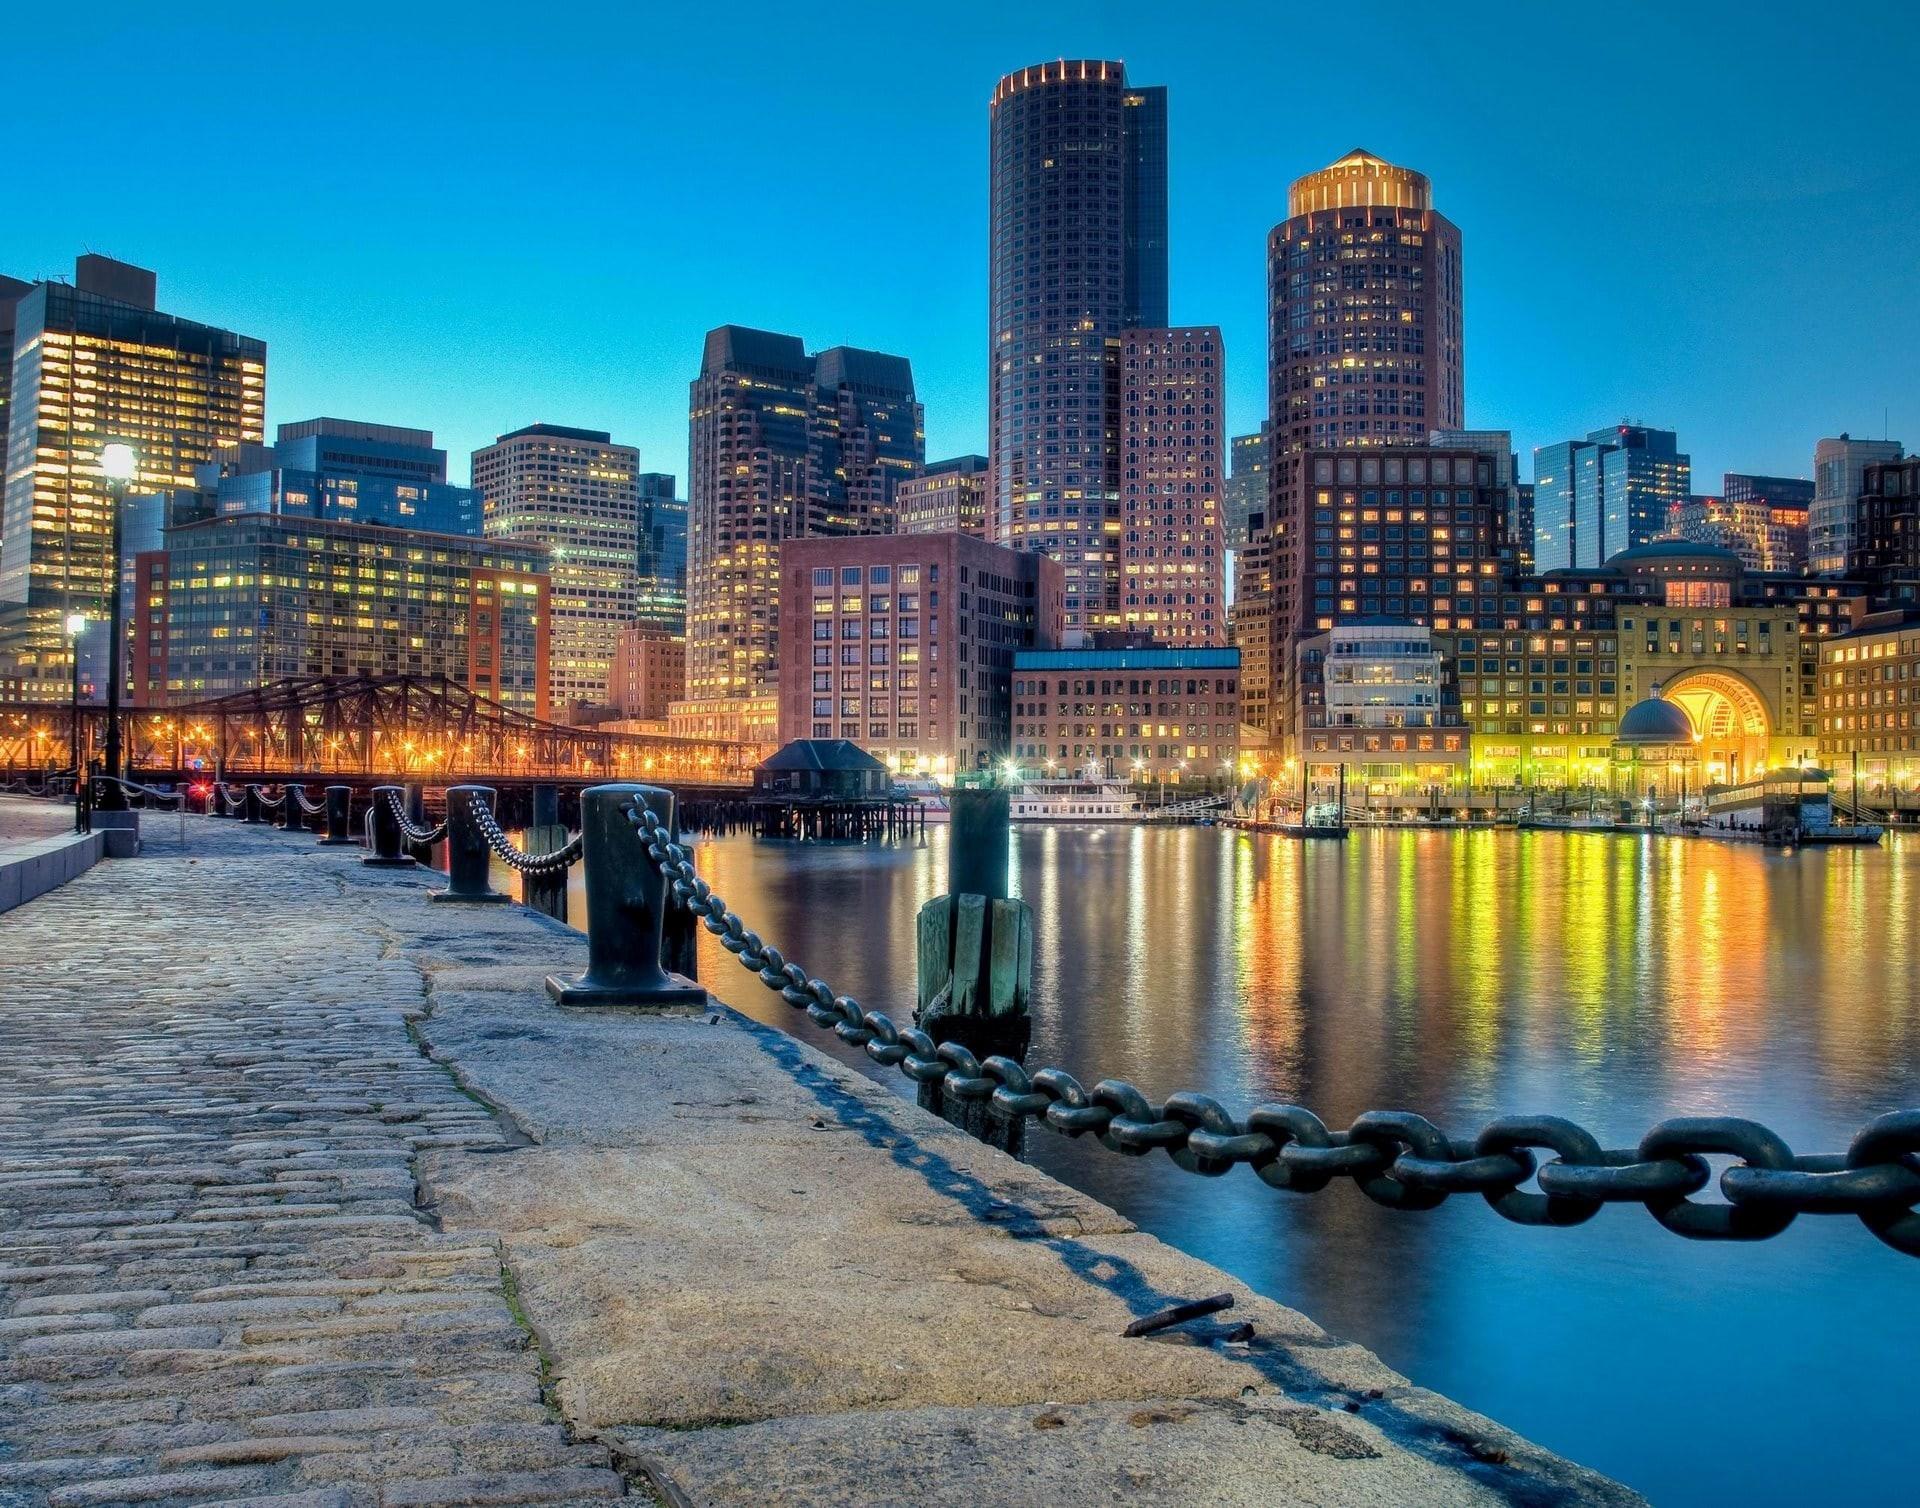 Boston Skyline Wallpaper 62 images